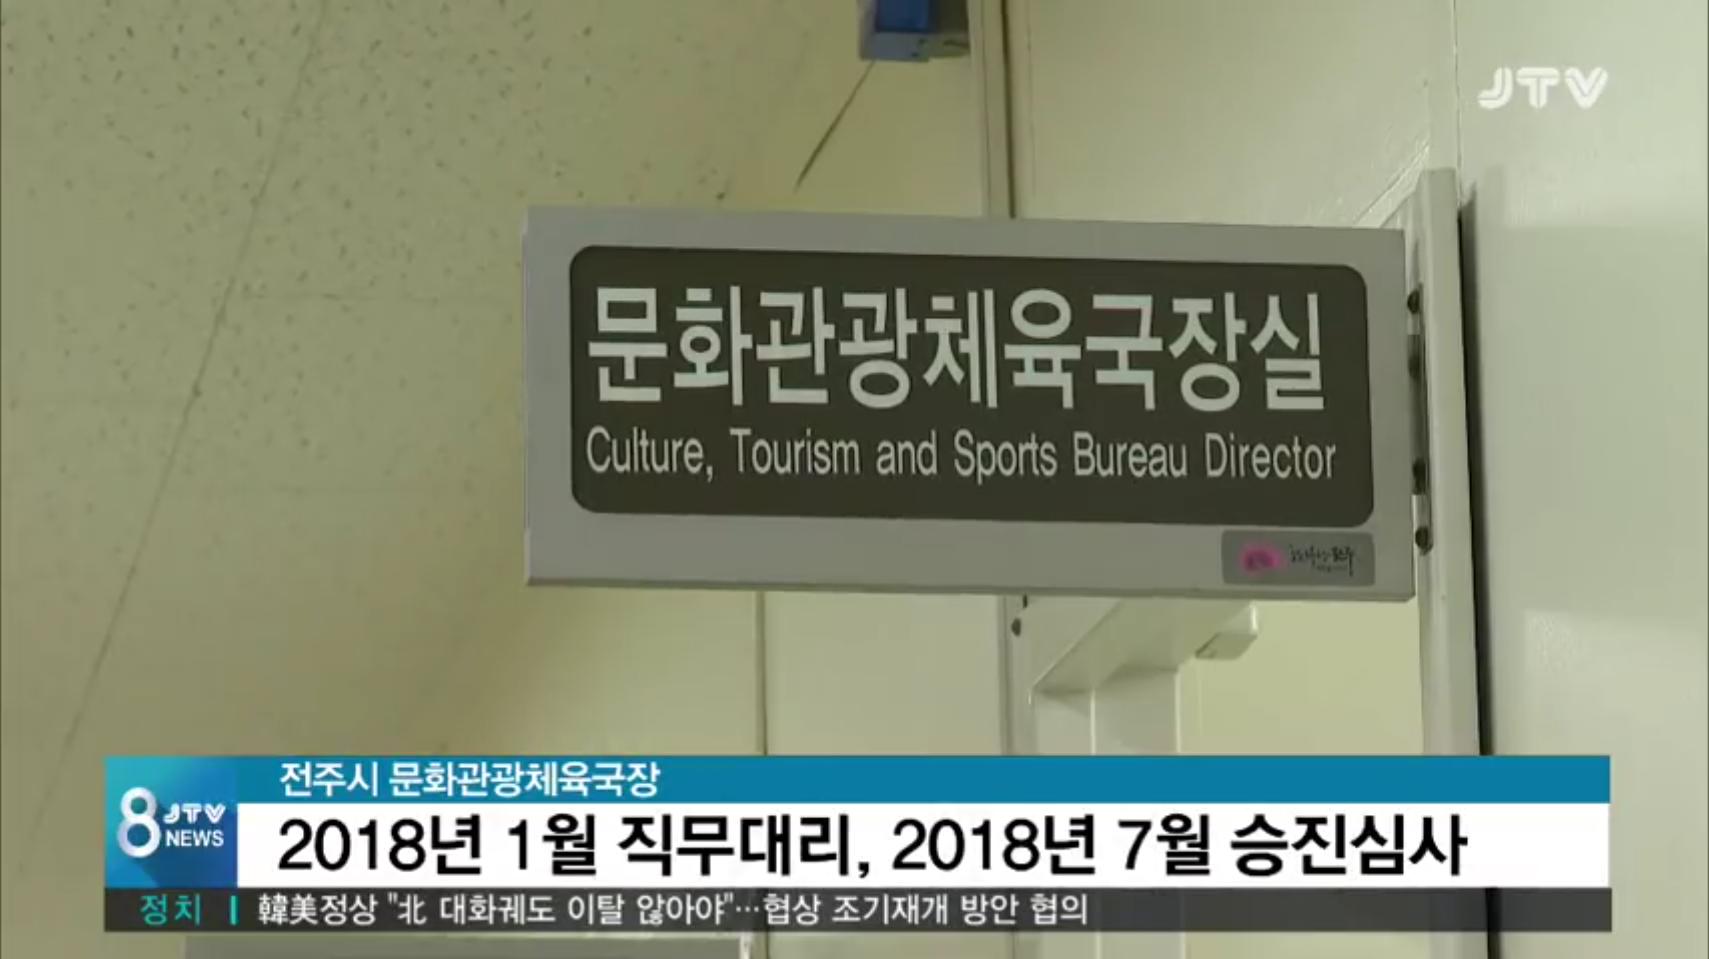 [19.5.7 JTV] 김승수 전주시장 고교선배 4급 특별승진2.png